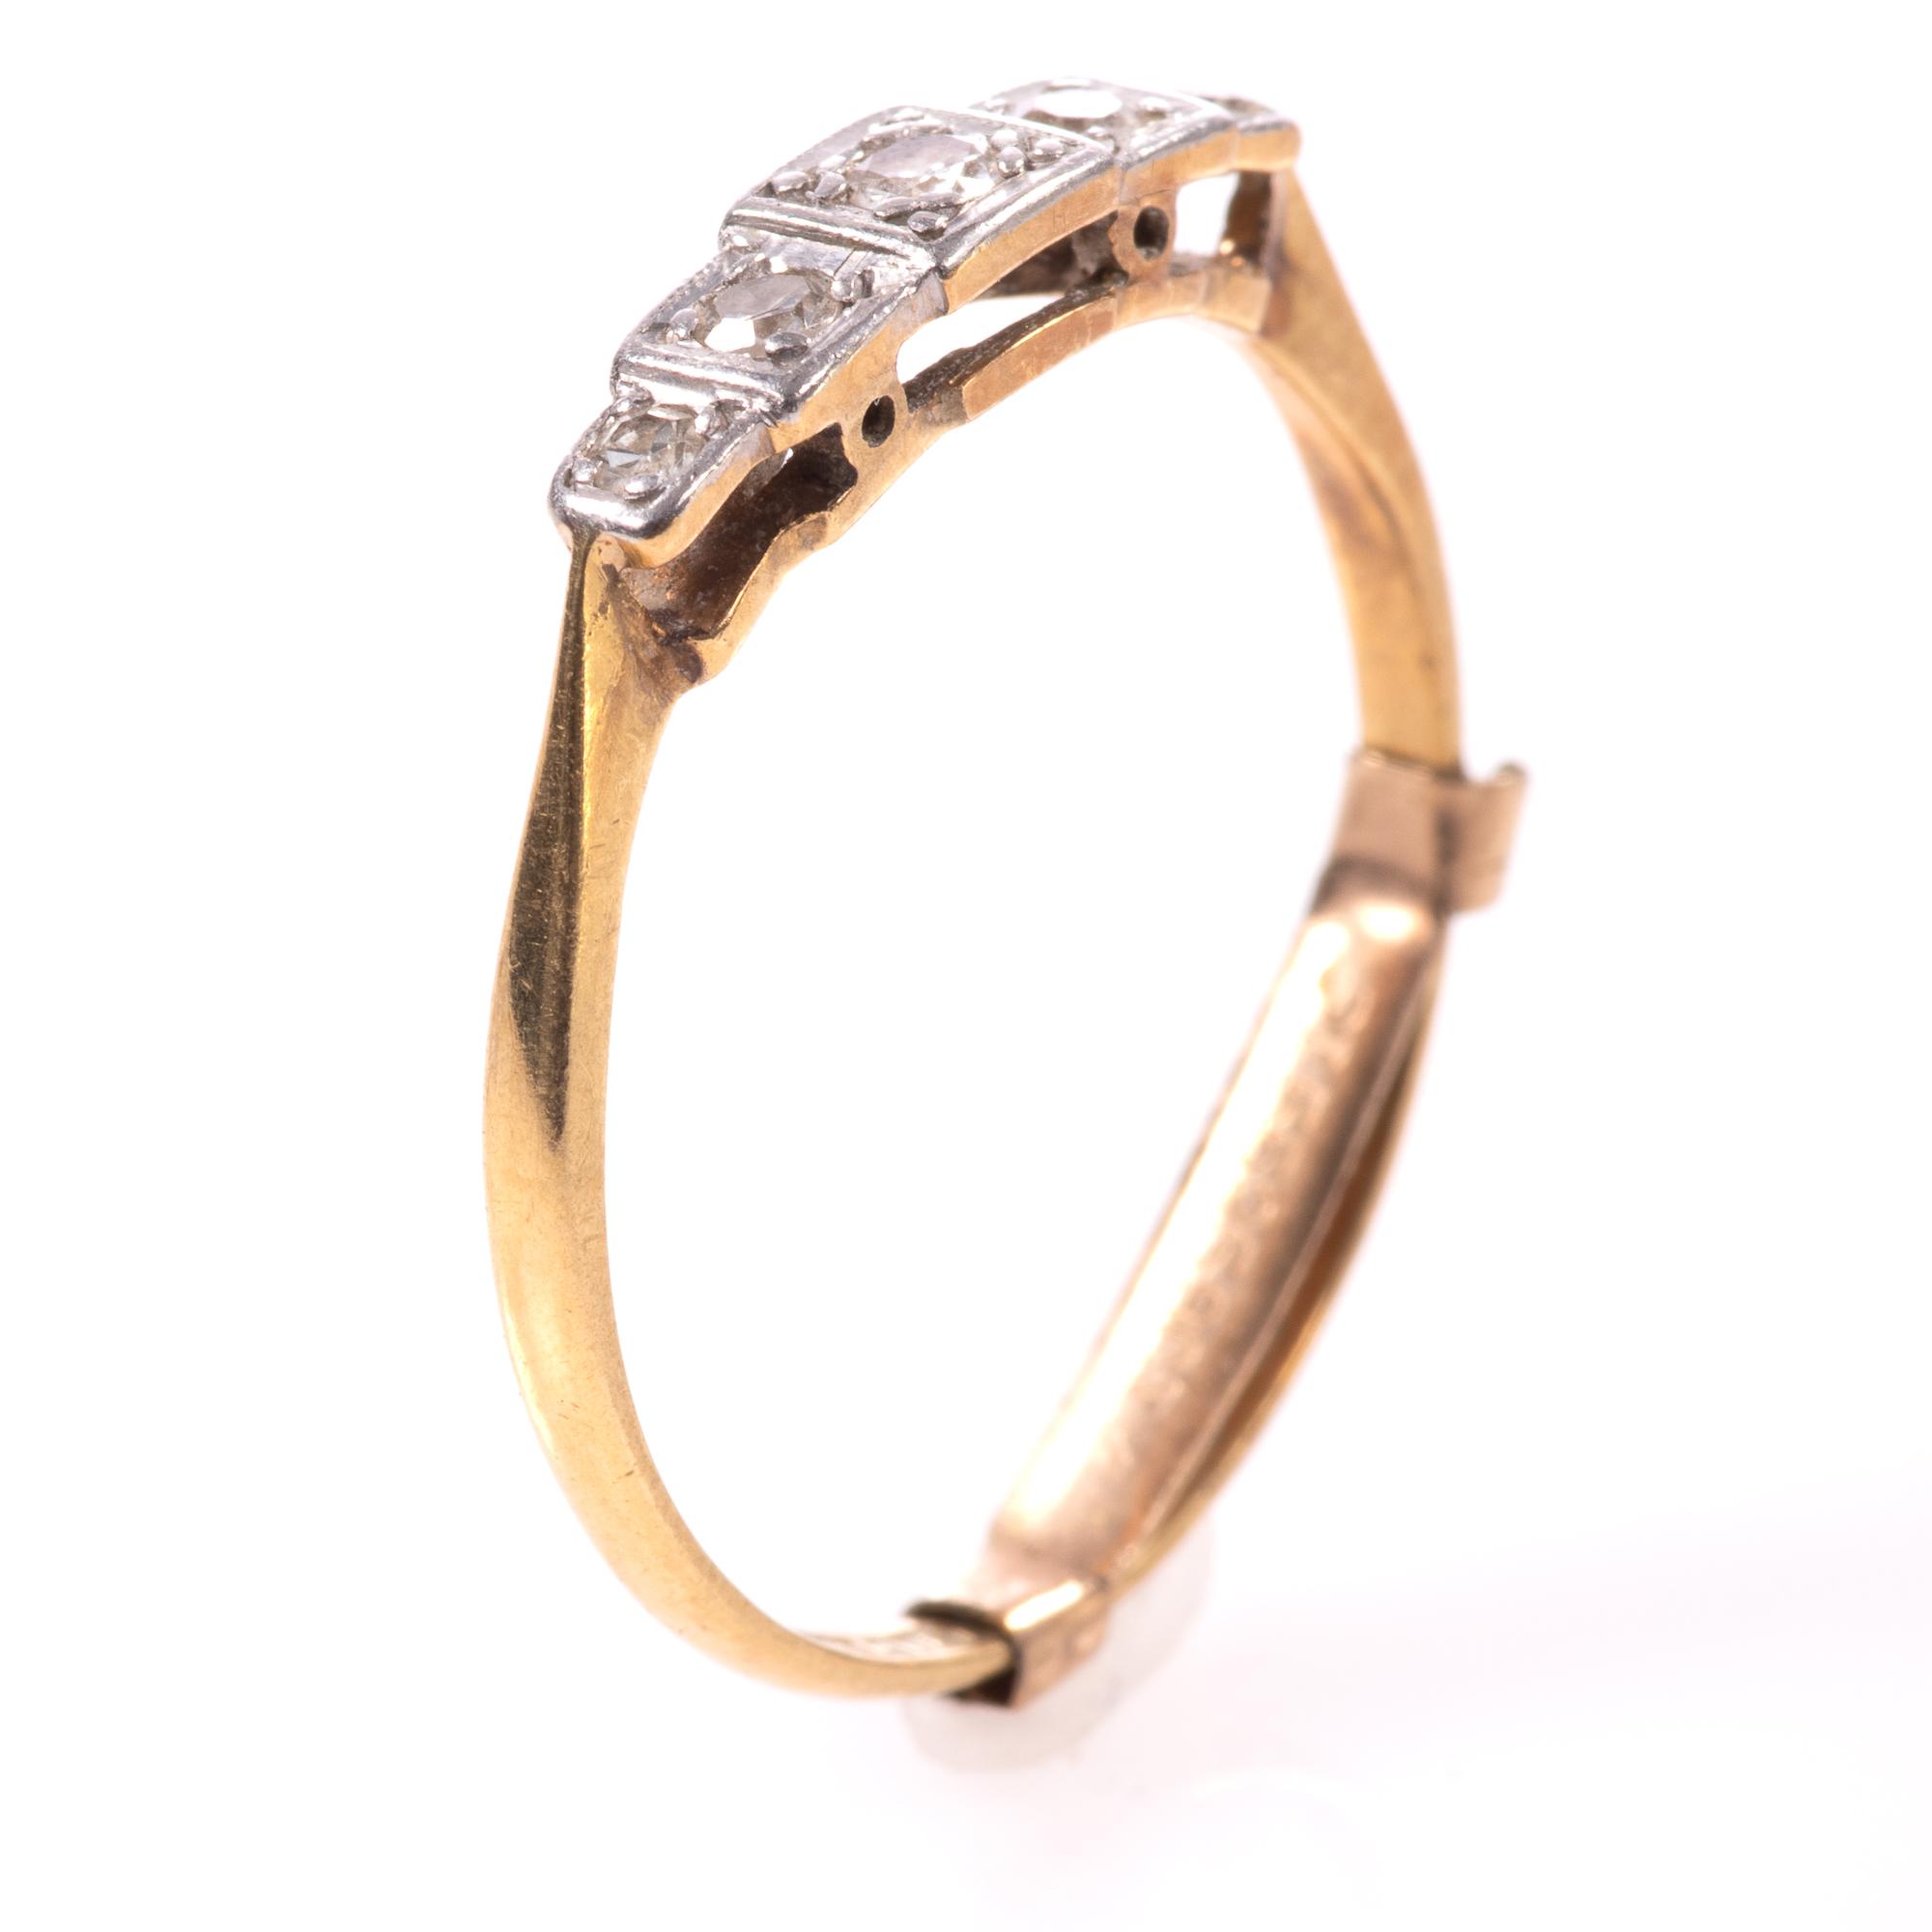 18ct Gold & Platinum Art Deco Diamond Ring - Image 2 of 9